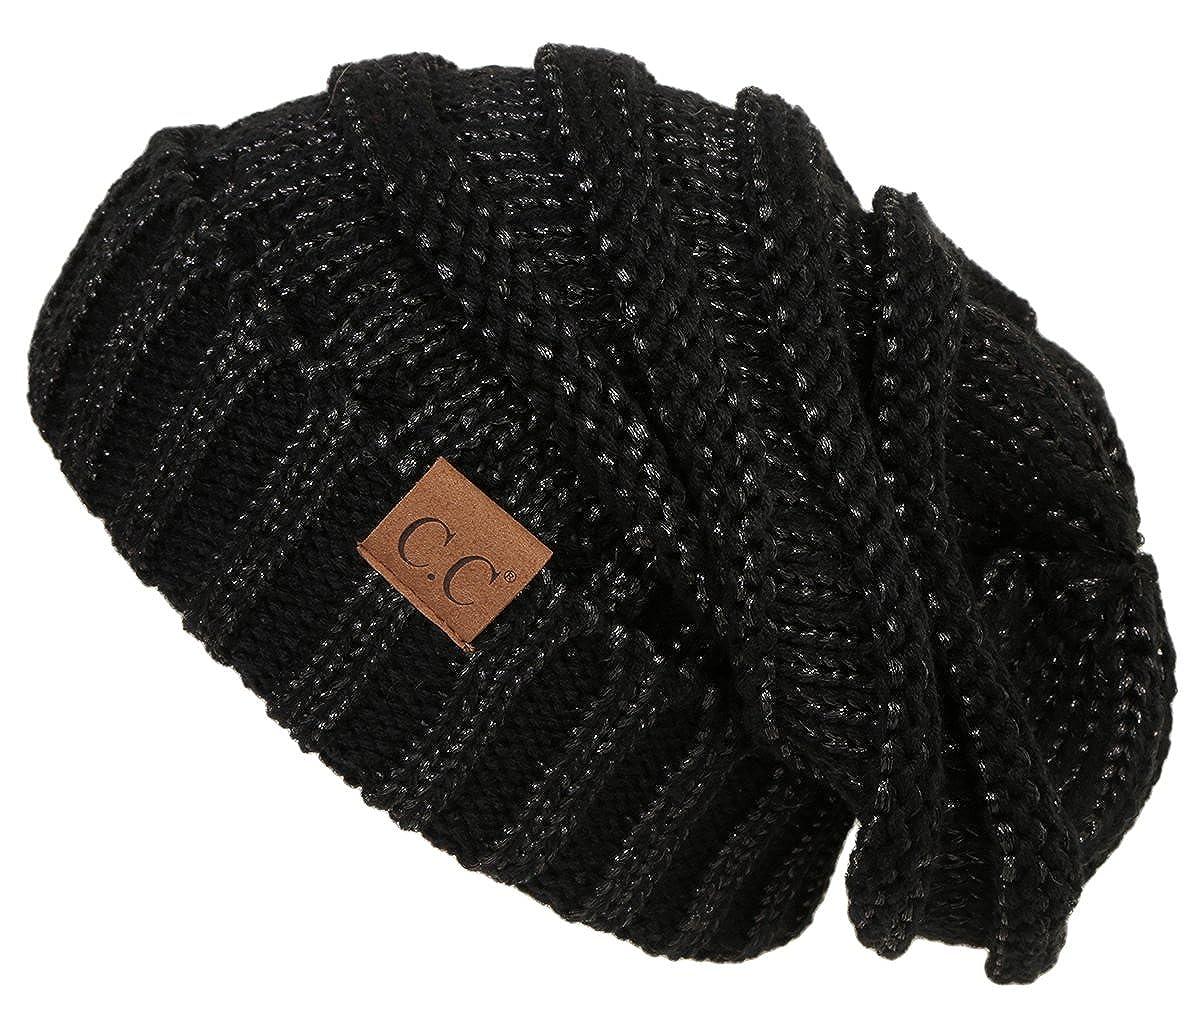 【楽ギフ_のし宛書】 Funky Funky Junque HAT レディース HAT B01K2PGOYS A Metallic Black on Metallic Black A Metallic Black on Black, 枝幸町:4fe2b96a --- irlandskayaliteratura.org